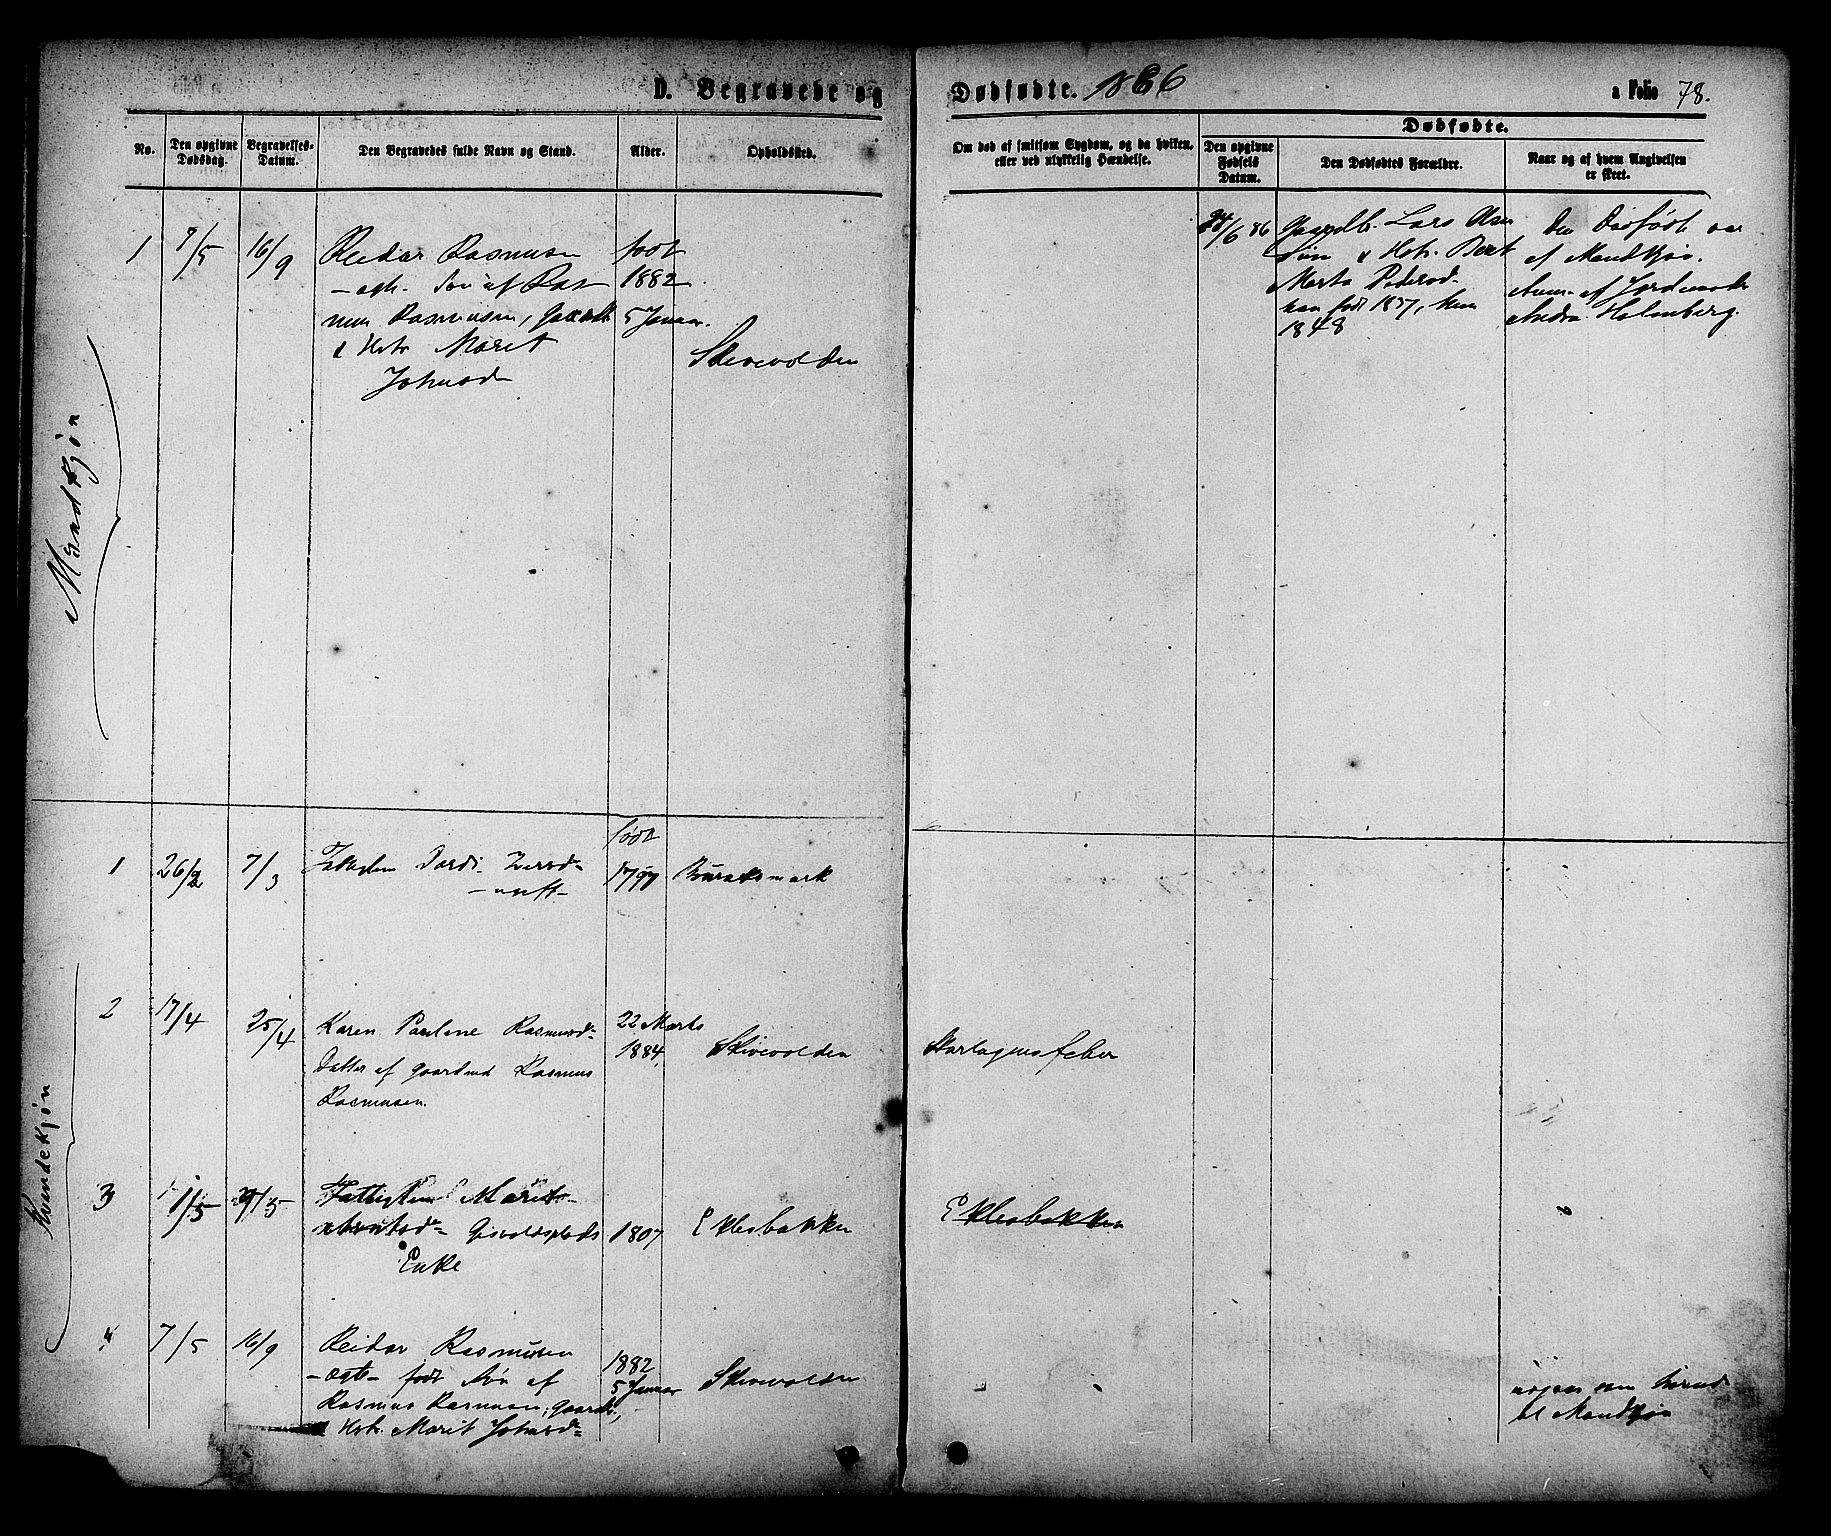 SAT, Ministerialprotokoller, klokkerbøker og fødselsregistre - Sør-Trøndelag, 608/L0334: Ministerialbok nr. 608A03, 1877-1886, s. 78